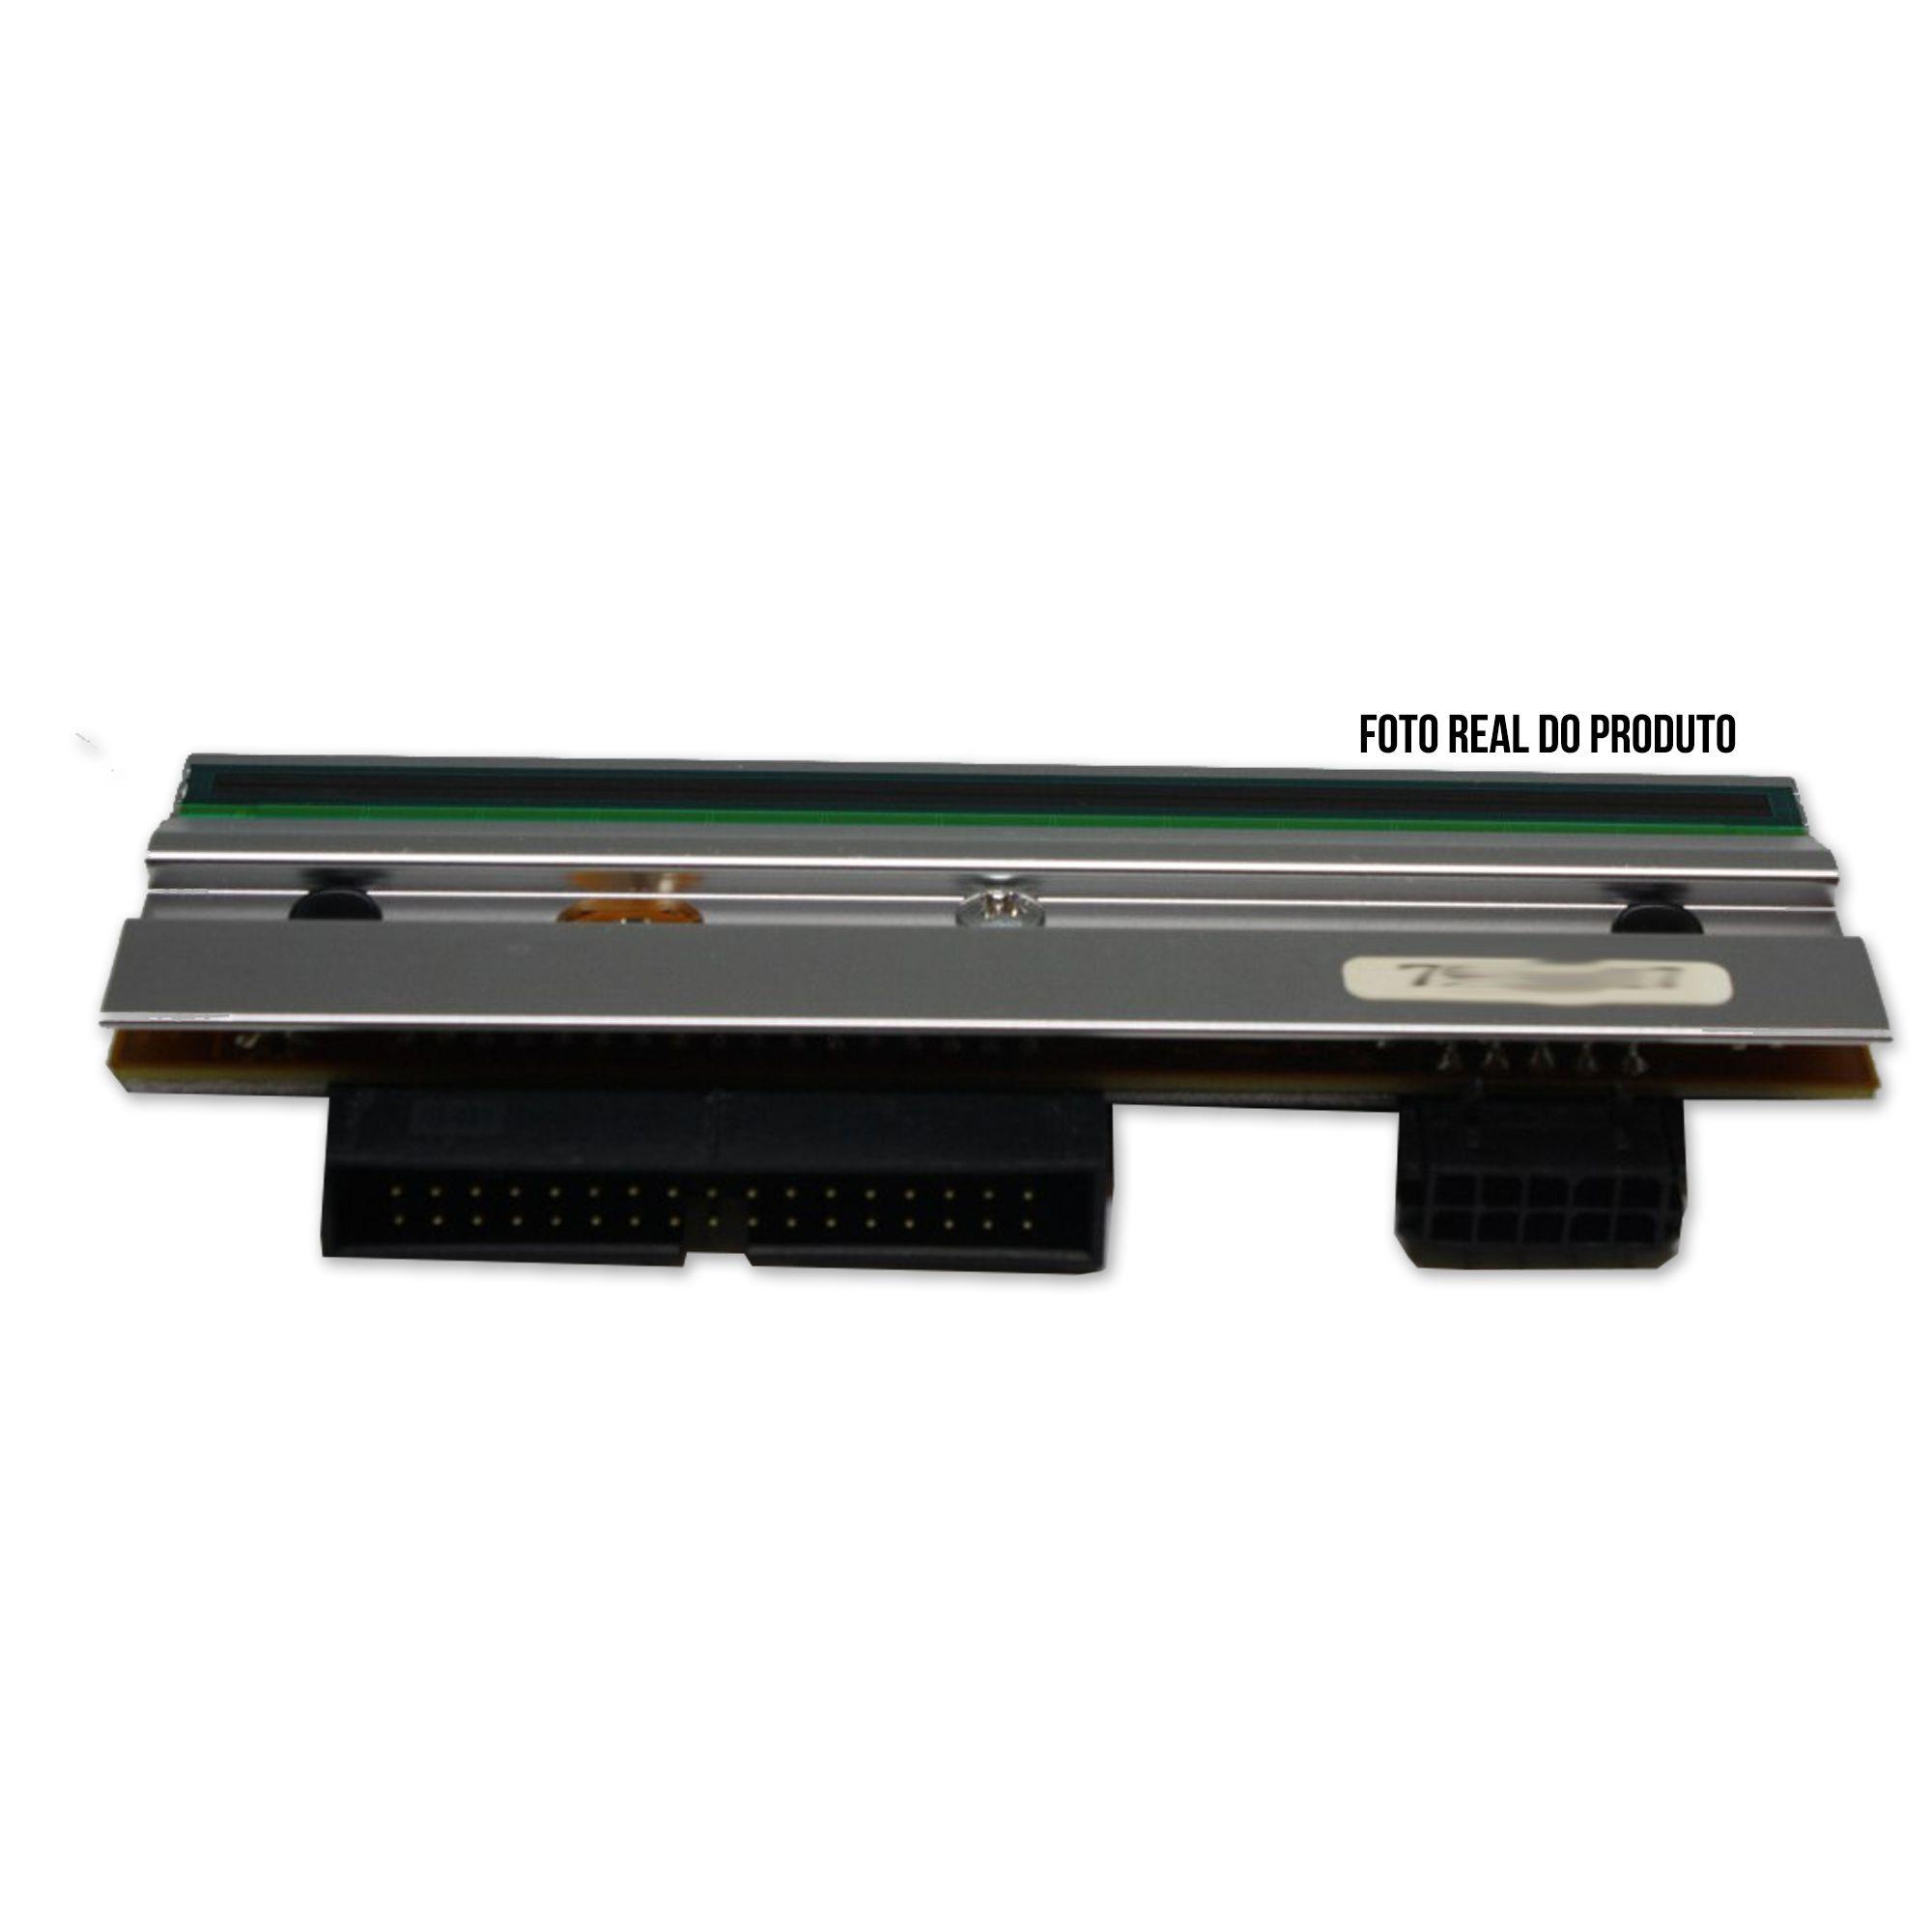 Cabeça de Impressão ZEBRA 105SL 203 dpi P/N G32432-1M